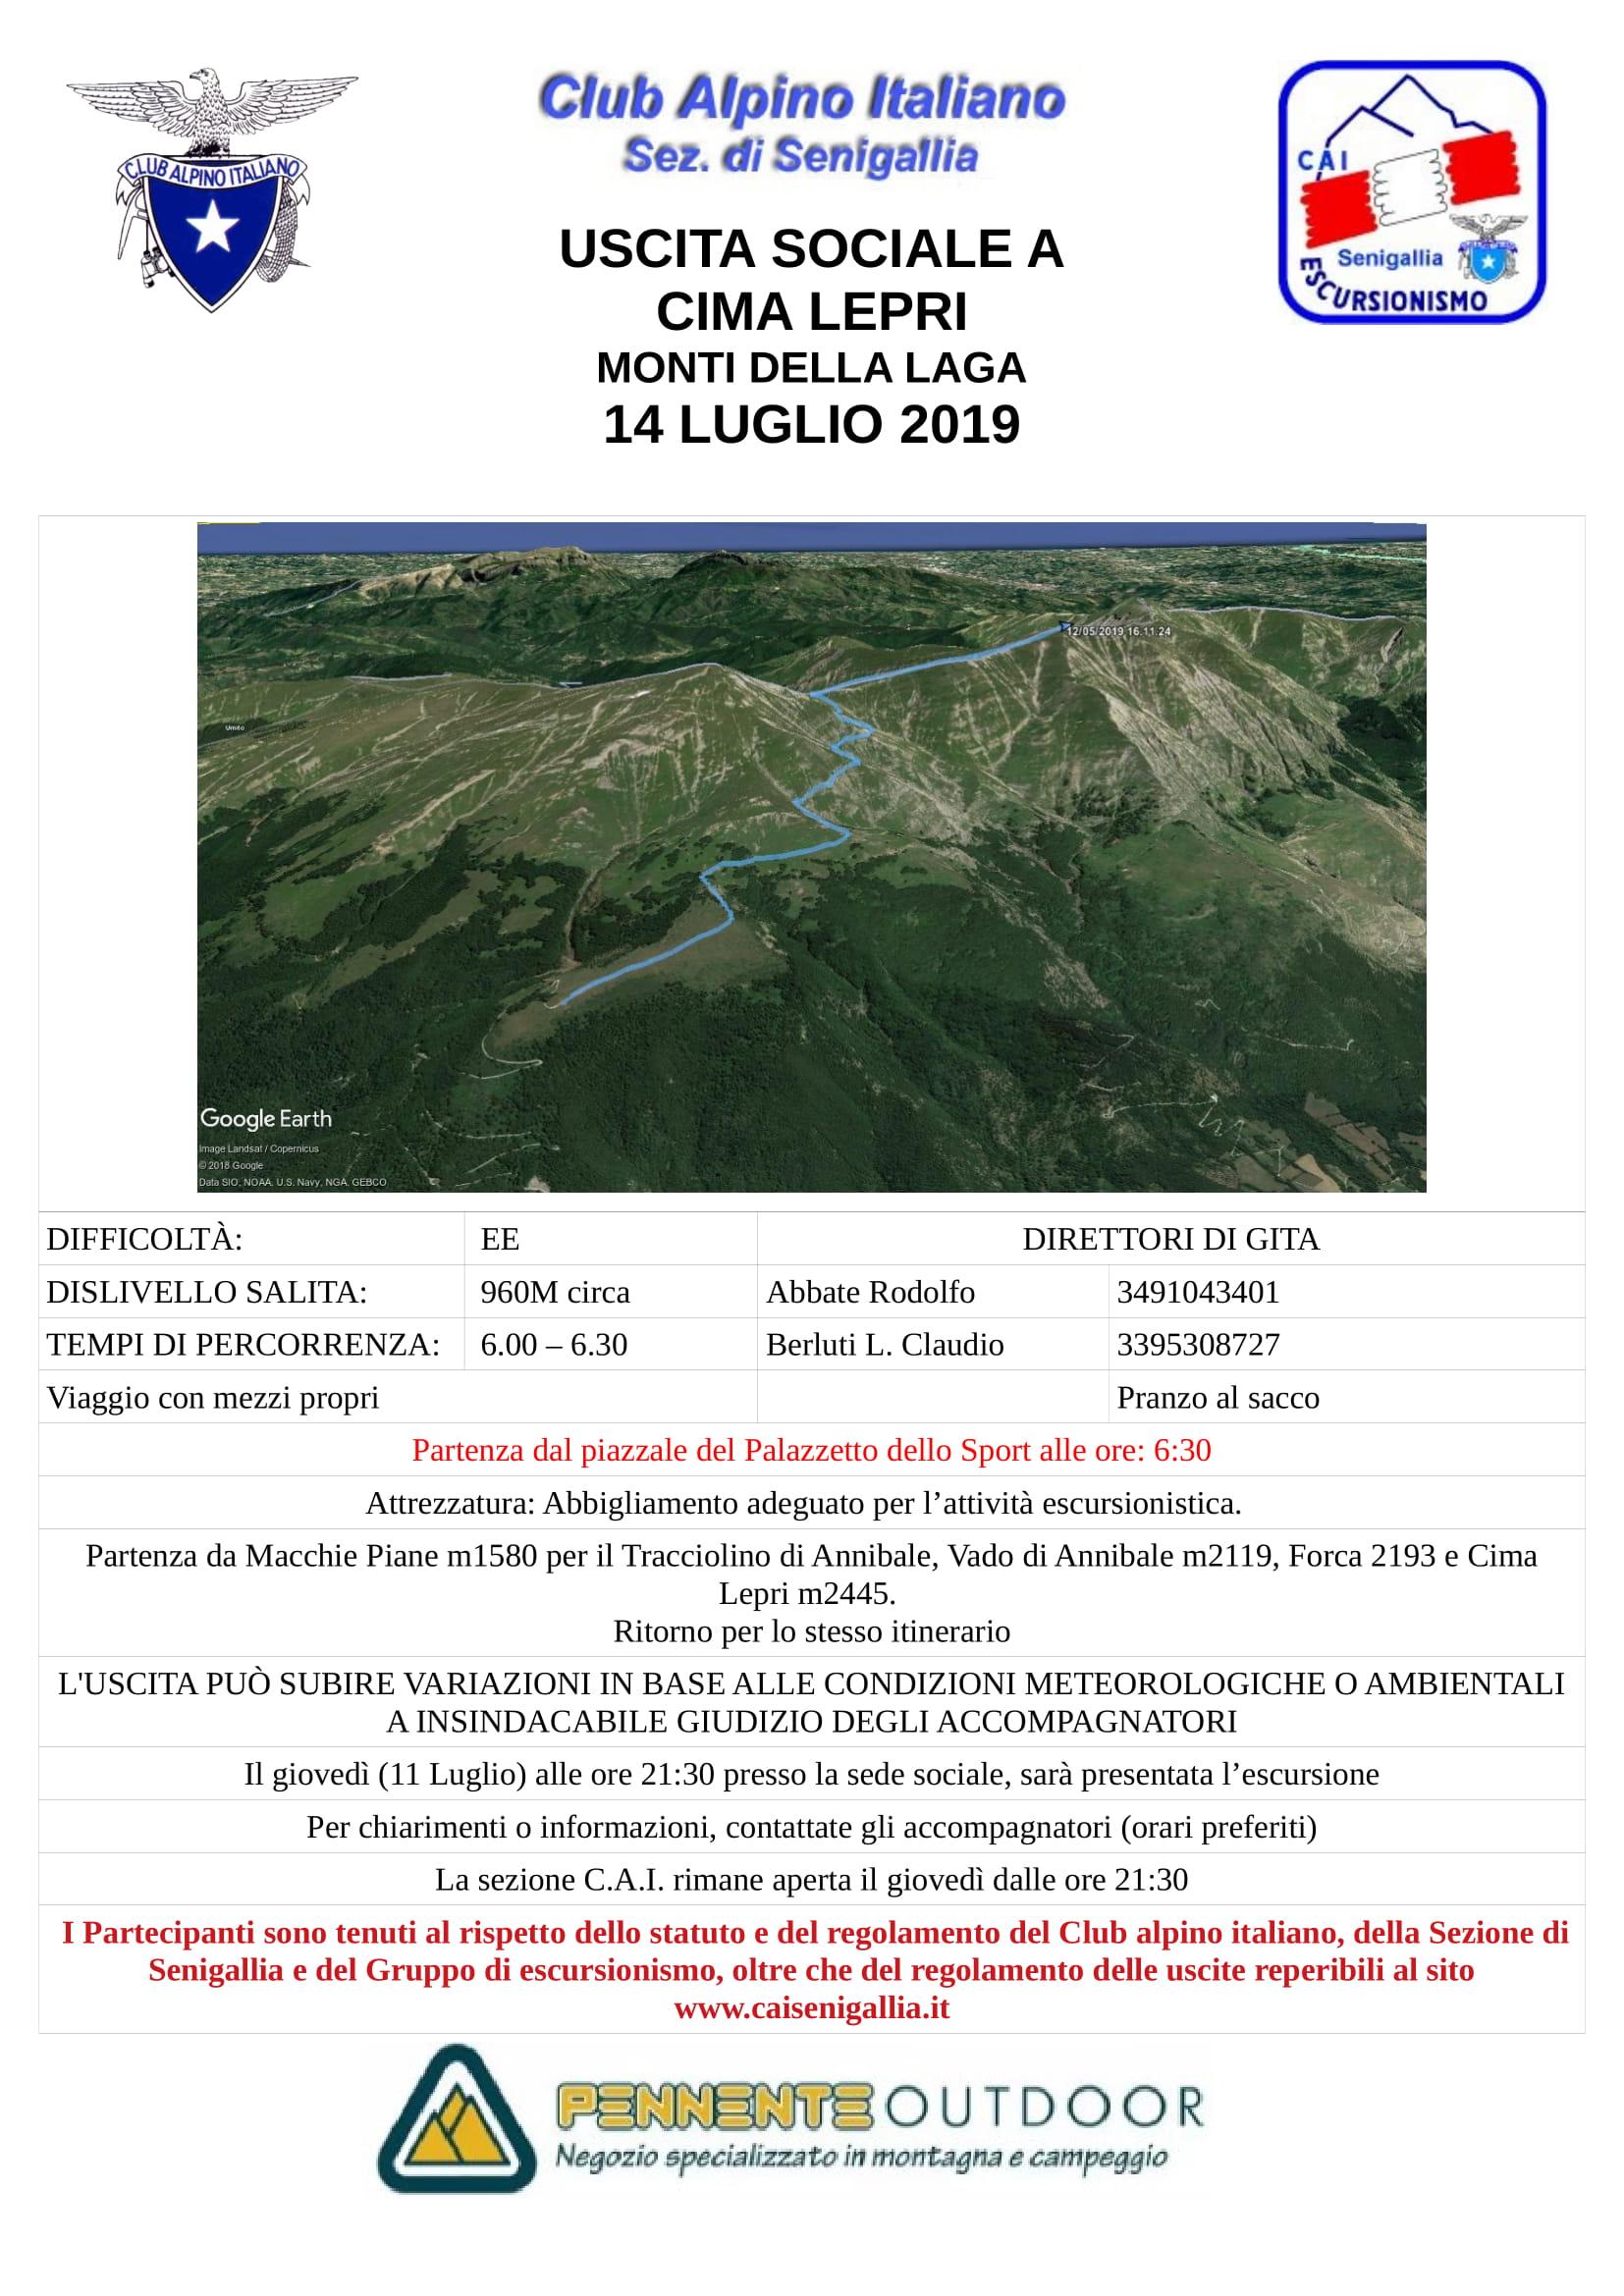 GE - Escursione ai Monti della Laga (Pizzo di Sevo e Cima Lepri)